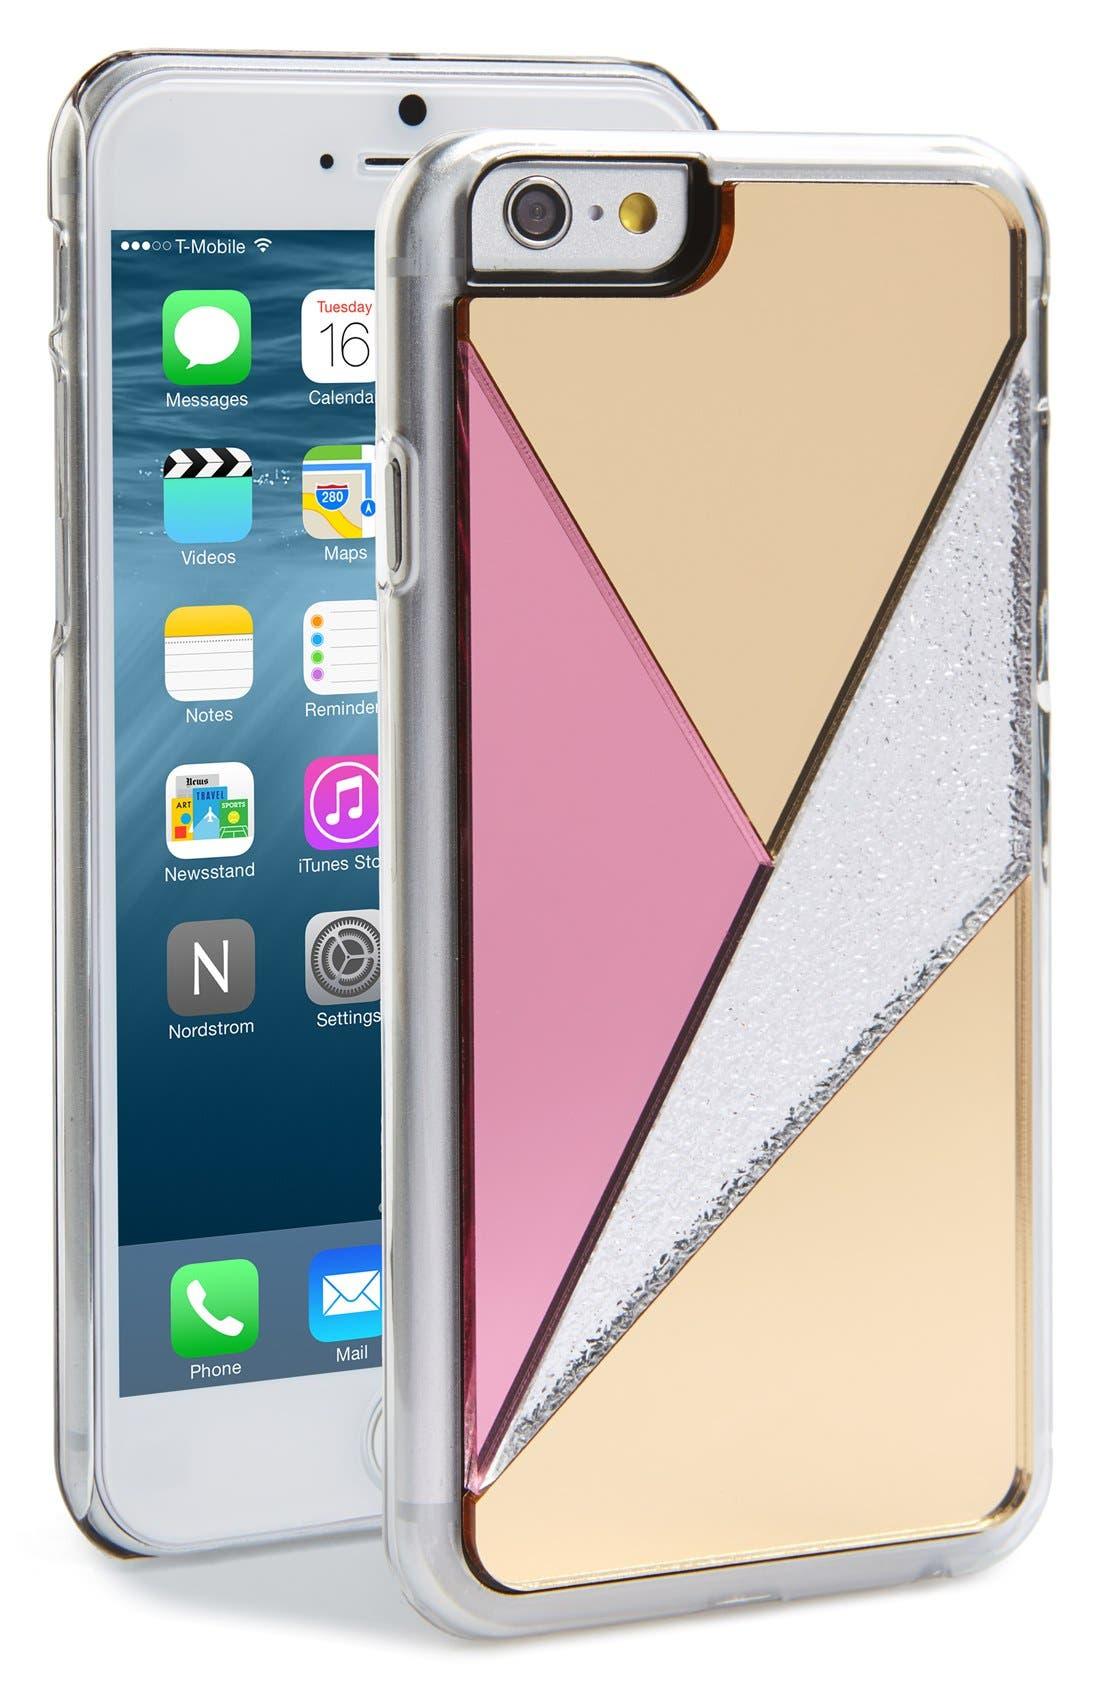 Main Image - Zero Gravity 'Nouveau' iPhone 6 Case